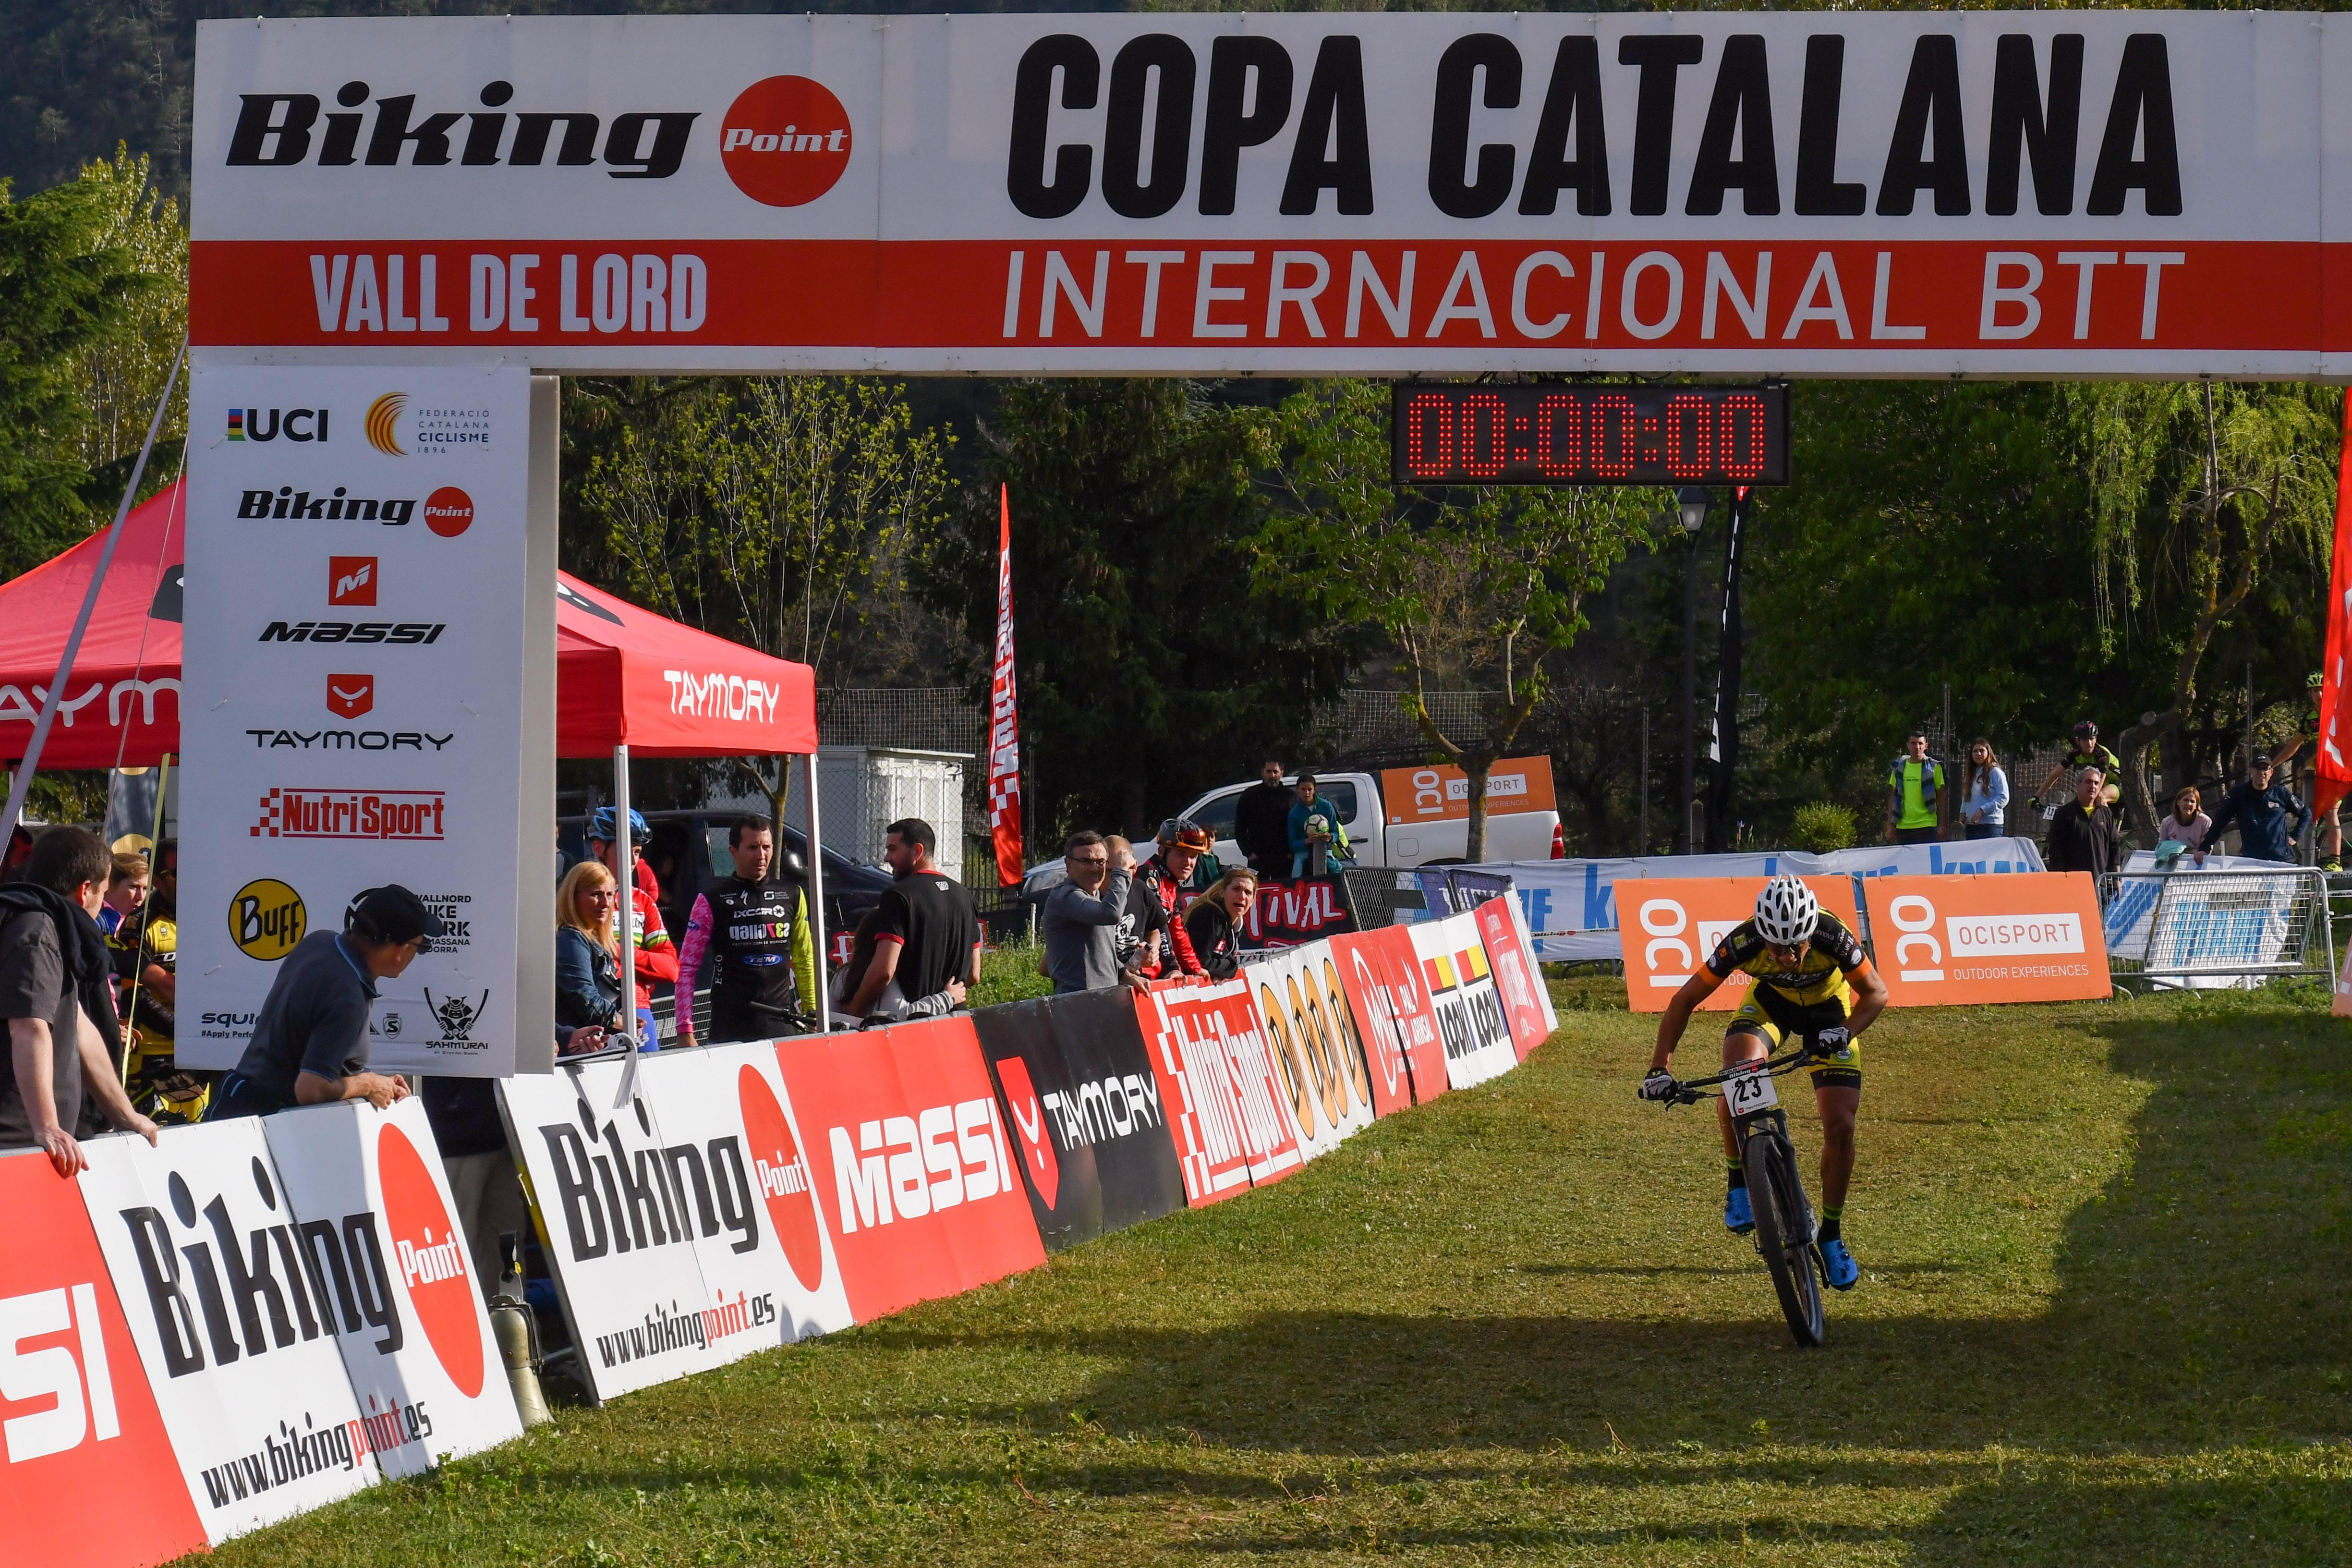 Dario Gasco y Magda Duran se llevan la primera crono de la Copa Catalana Internacional Biking Point 2018